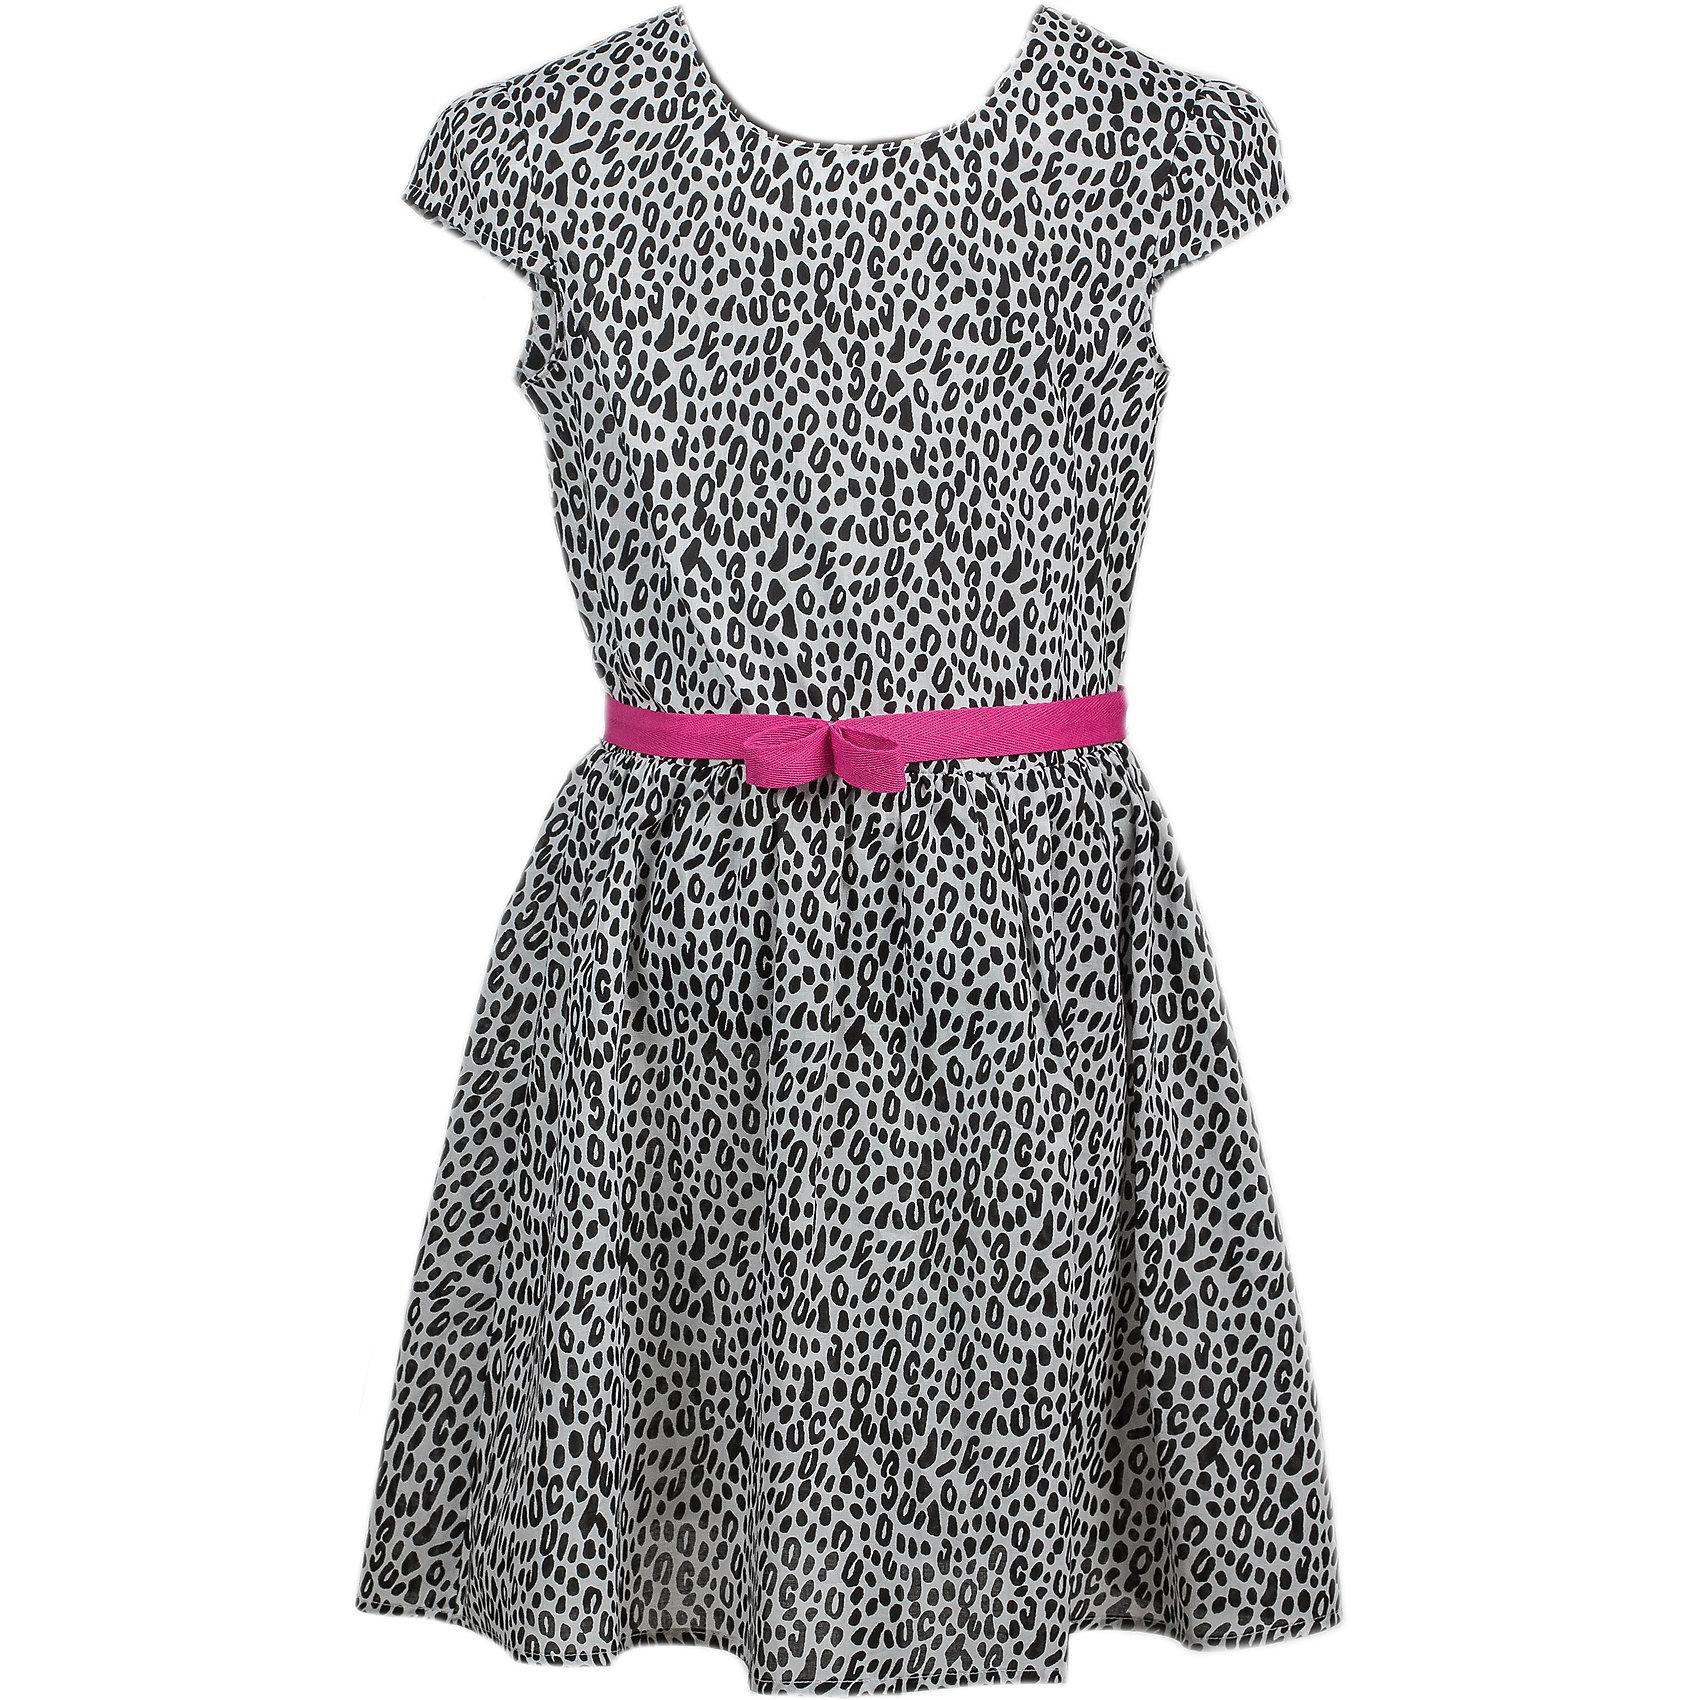 Платье для девочки Bell BimboПлатье для девочки от марки Bell Bimbo.<br>Набивное платье украшено брошью солнечные очки и контрастным поясом, застежка сзади на молнии  <br>Состав:<br>поплин 100%хлопок<br><br>Ширина мм: 236<br>Глубина мм: 16<br>Высота мм: 184<br>Вес г: 177<br>Цвет: черный<br>Возраст от месяцев: 84<br>Возраст до месяцев: 96<br>Пол: Женский<br>Возраст: Детский<br>Размер: 128,158,164,152,140,134,146<br>SKU: 4578810